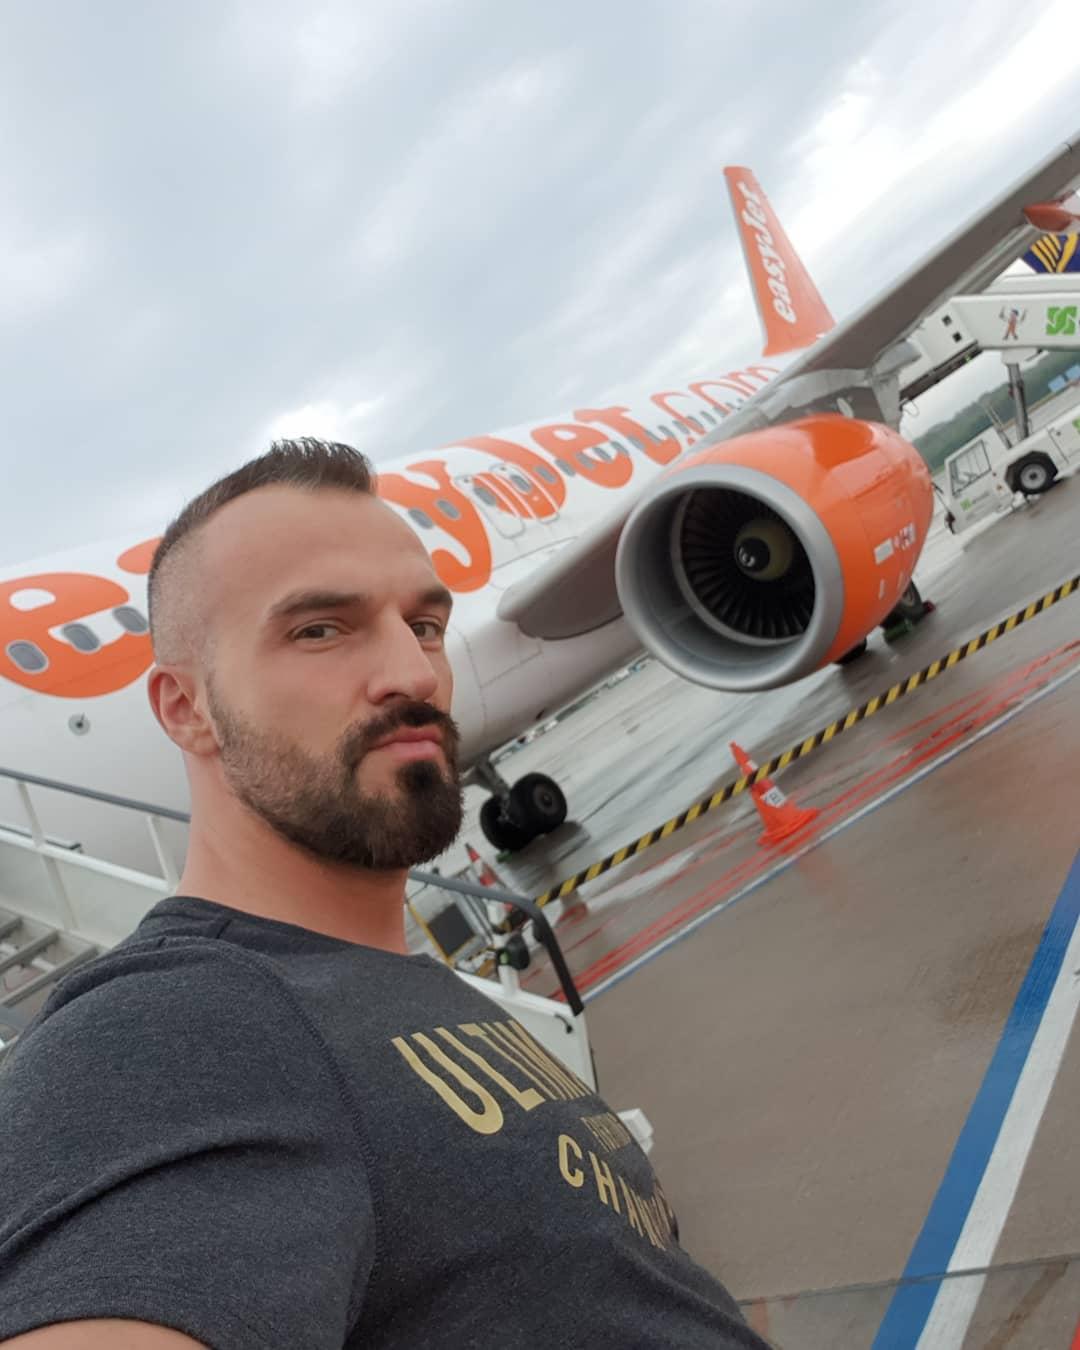 Back to Berlin… war ein geiler Drehtag in Köln🛫✌🏻😁 Demnächst auf Sat1 bei Auf Streife die Spezialisten📺 . #köln #berlin #filmpool #aufstreife #sat1 #tv #flughafen #airport #airbus #easyjet #jetset #bangboss #ufc